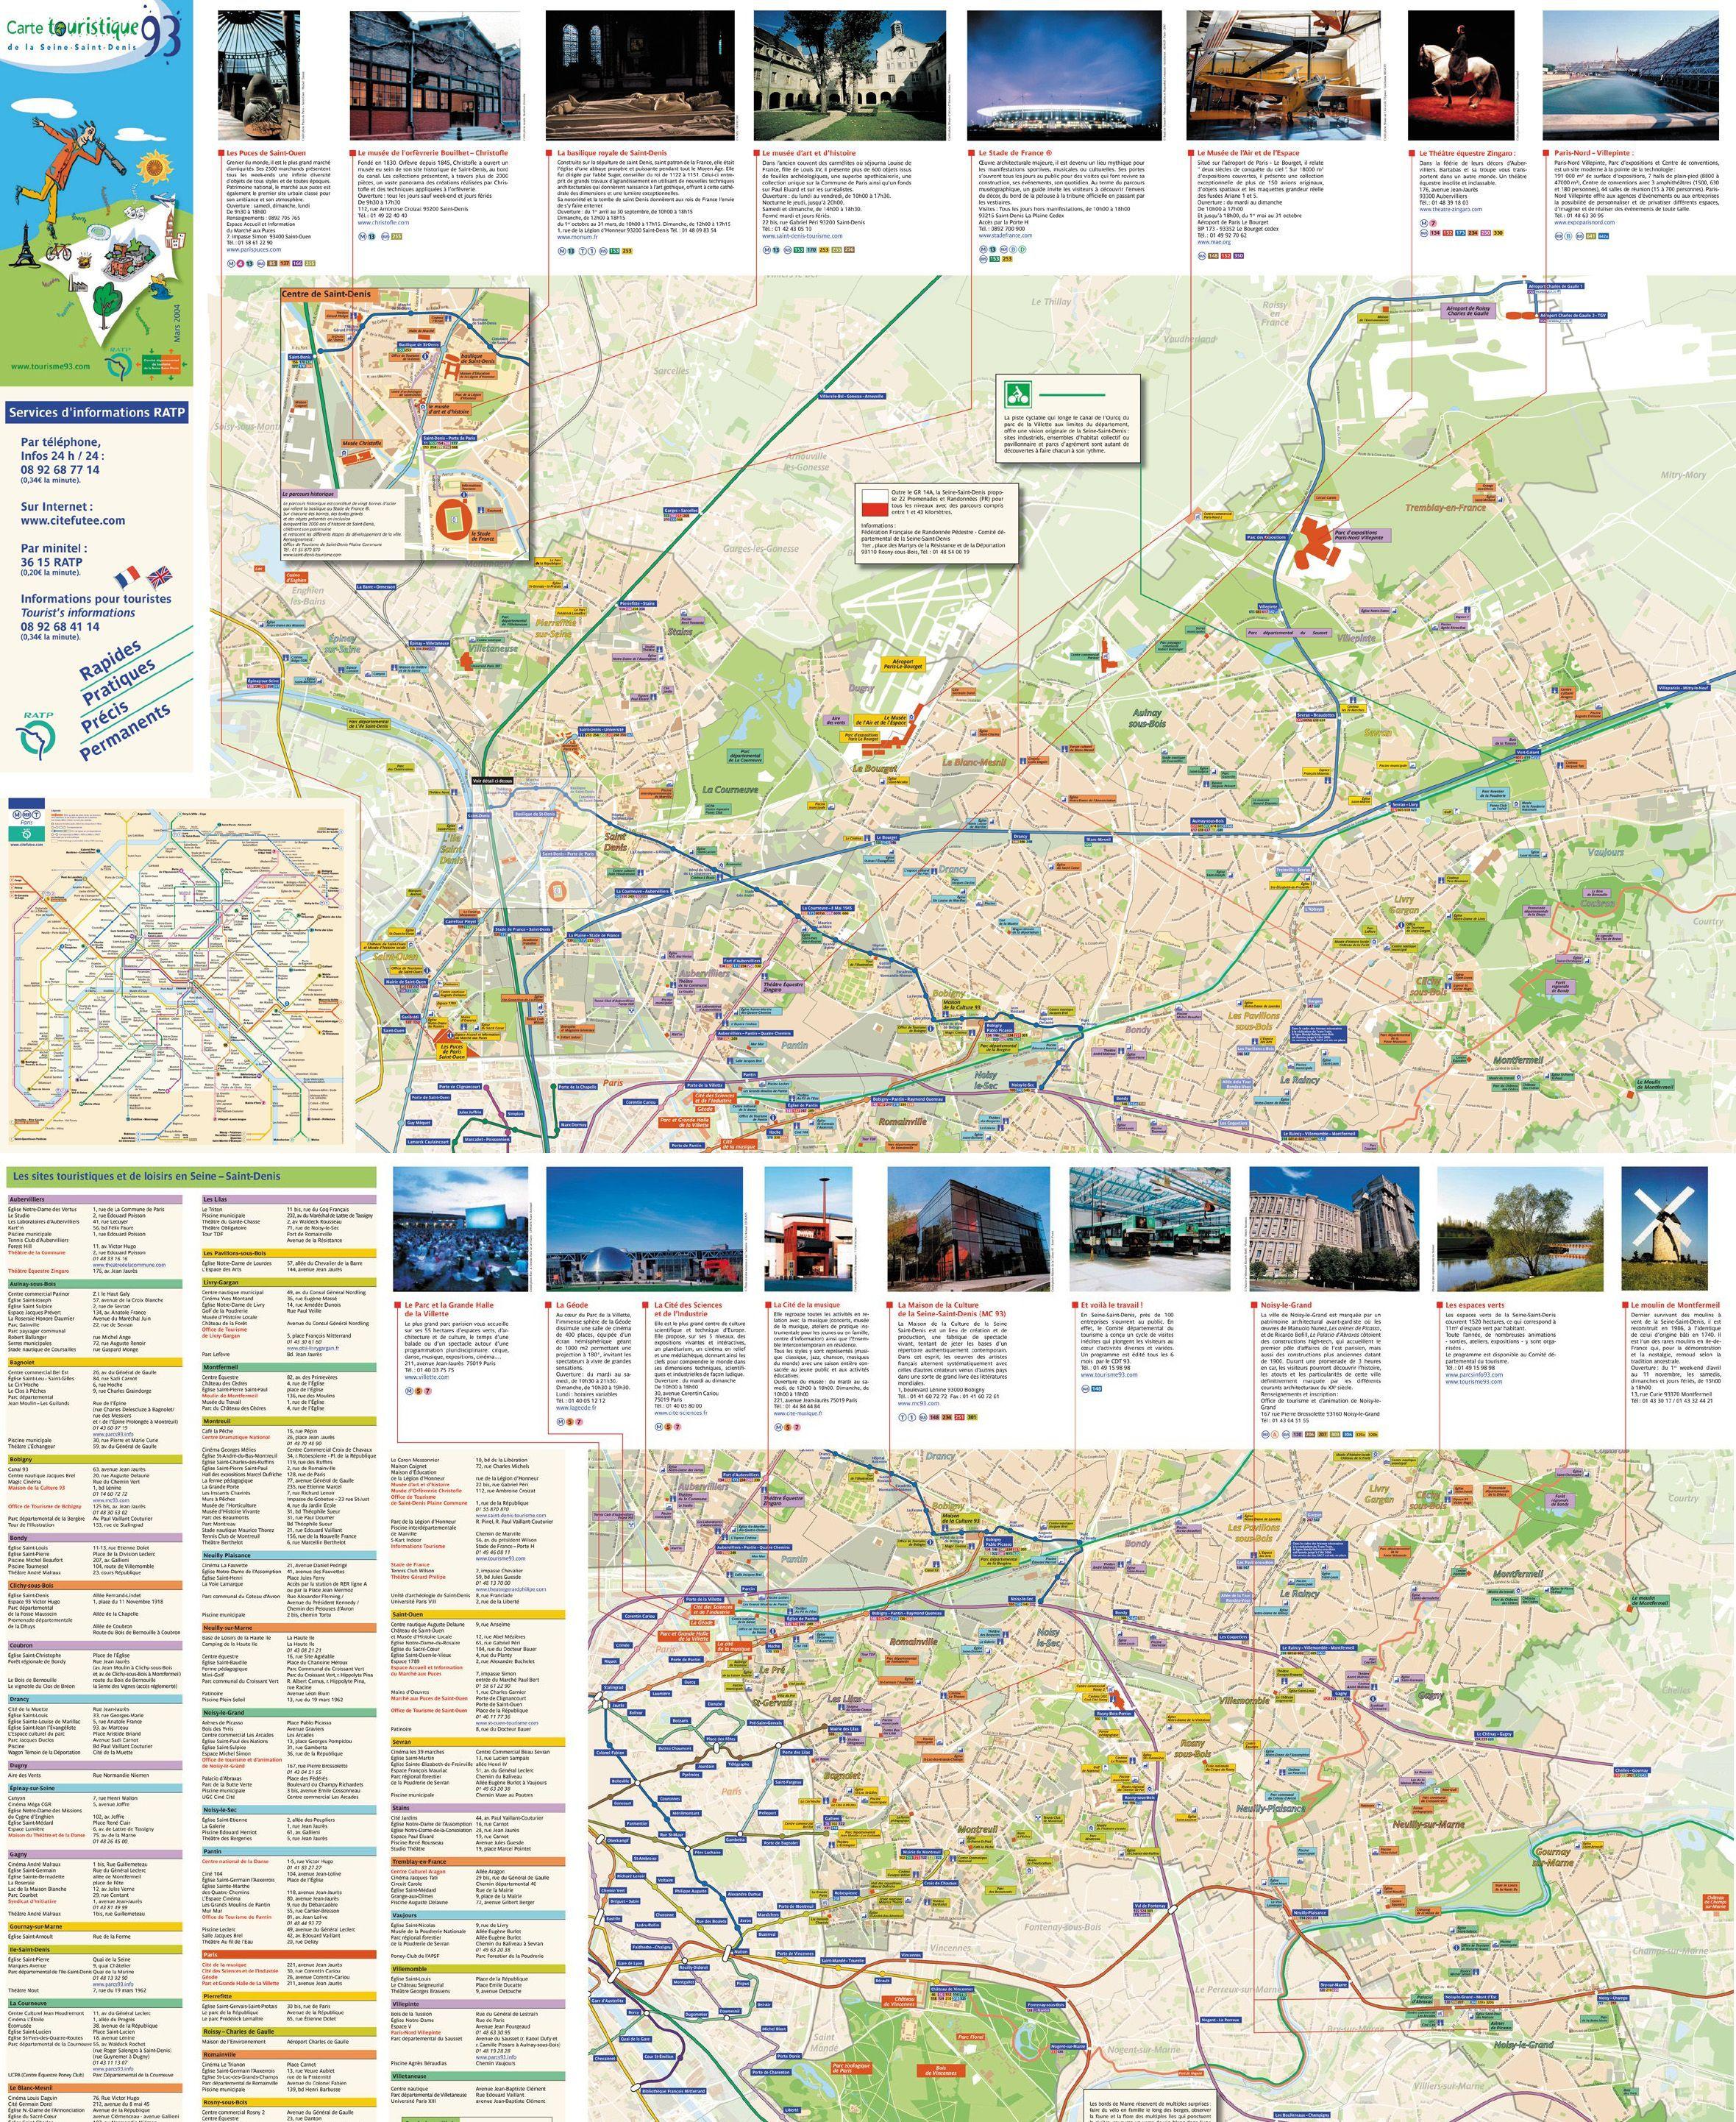 Carte des sites touristiques Seine-Saint-Denis